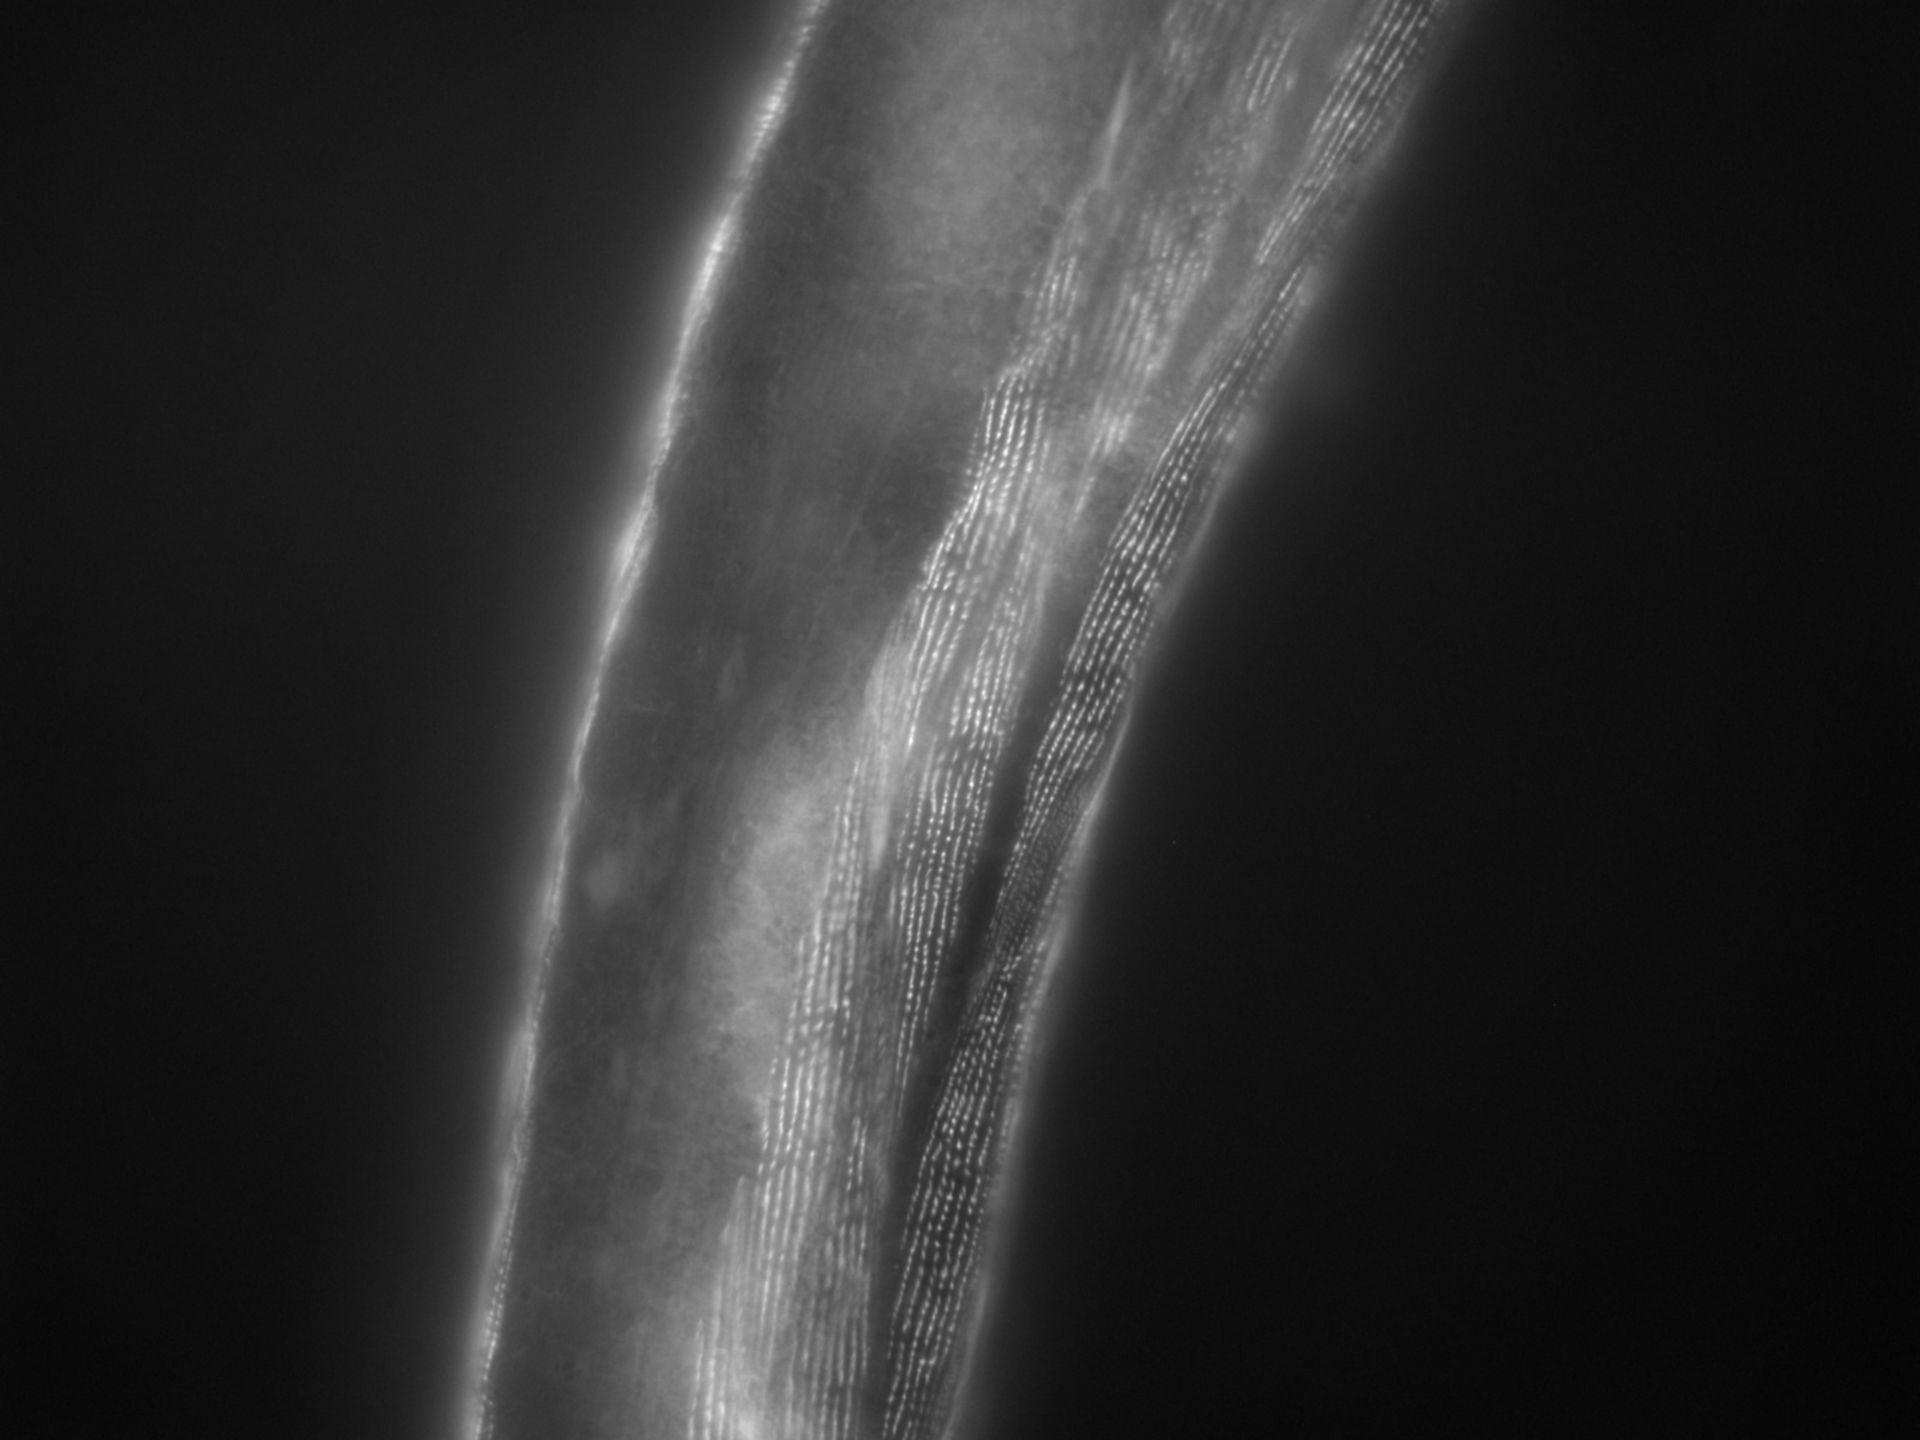 Caenorhabditis elegans (filamento di actina) - CIL:1148